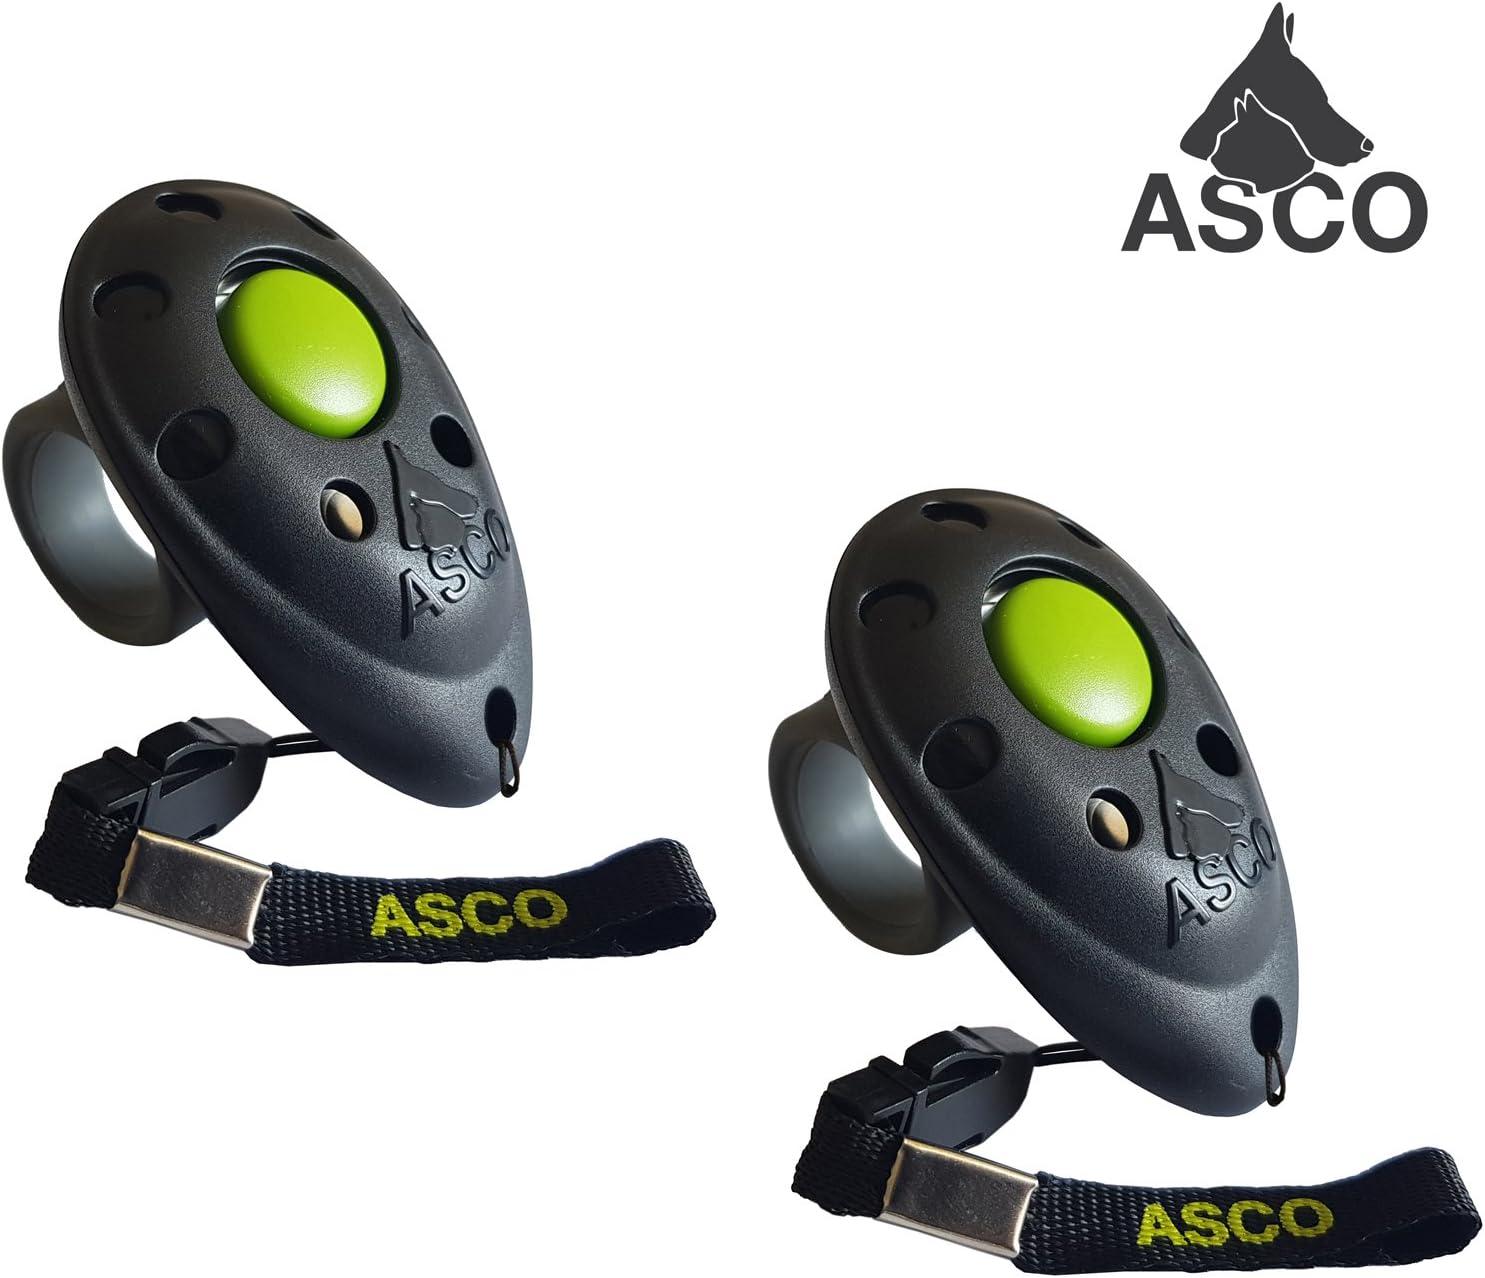 ASCO 2 clickers clicker de Dedo para Entrenamiento adiestramiento de Perros con clicker Blanco AC05F2X clicker Profesional para Perros Gatos Caballos